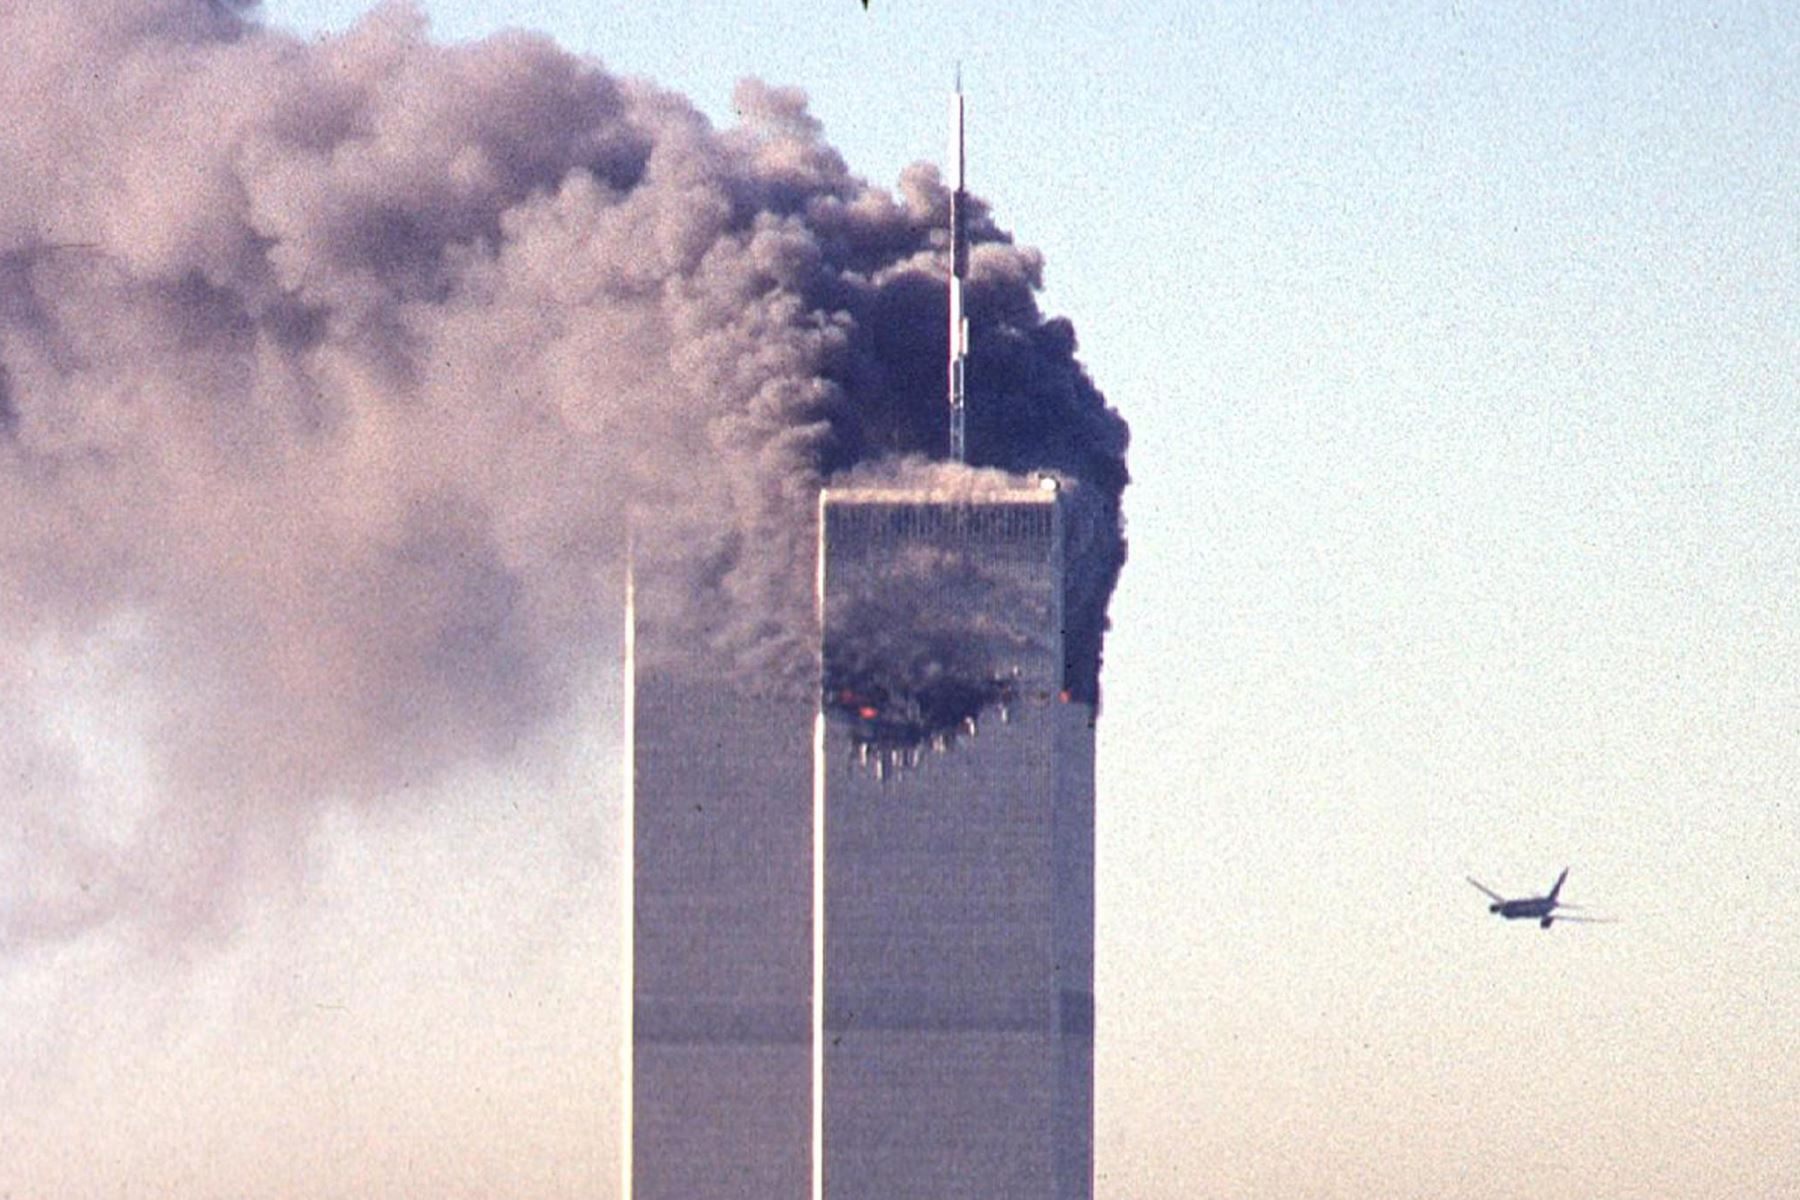 Un avión comercial secuestrado se acerca al World Trade Center poco antes de estrellarse contra el emblemático rascacielos el 11 de septiembre de 2001 en Nueva York. Foto: AFP